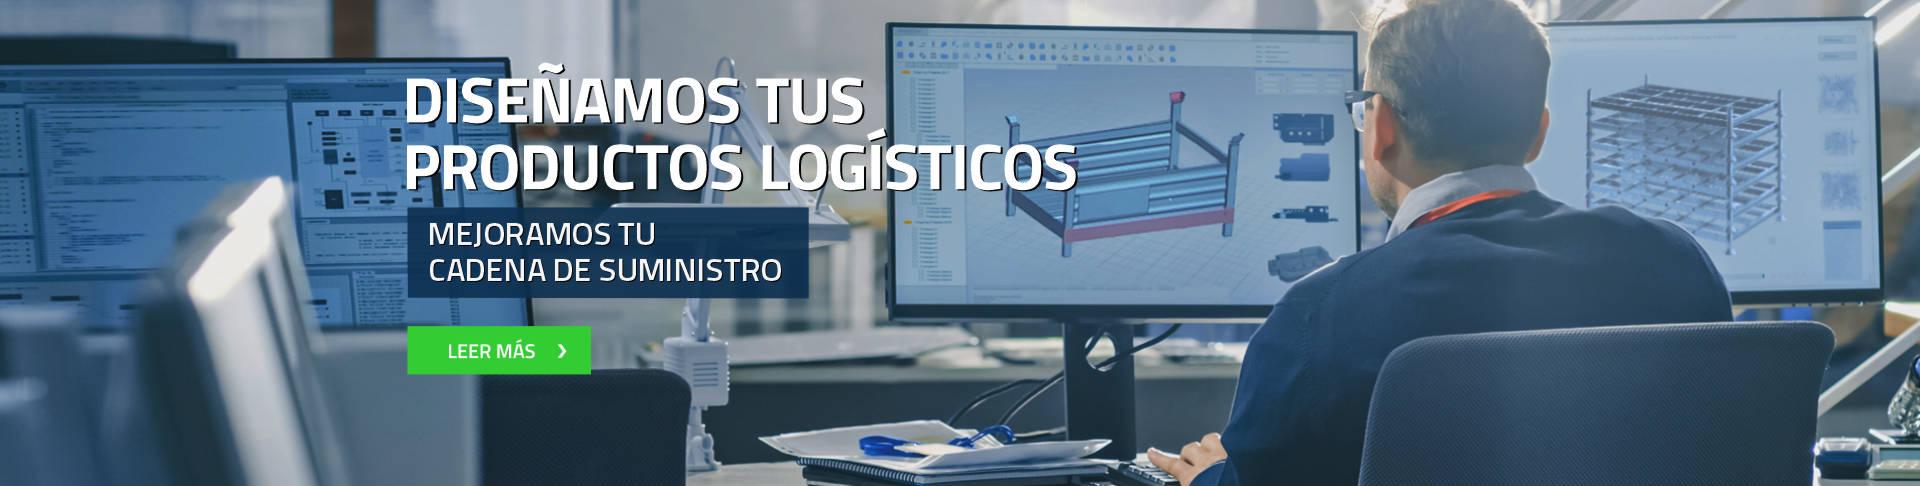 Diseñamos tus productos logísticos mejoramos tu cadena de suministro